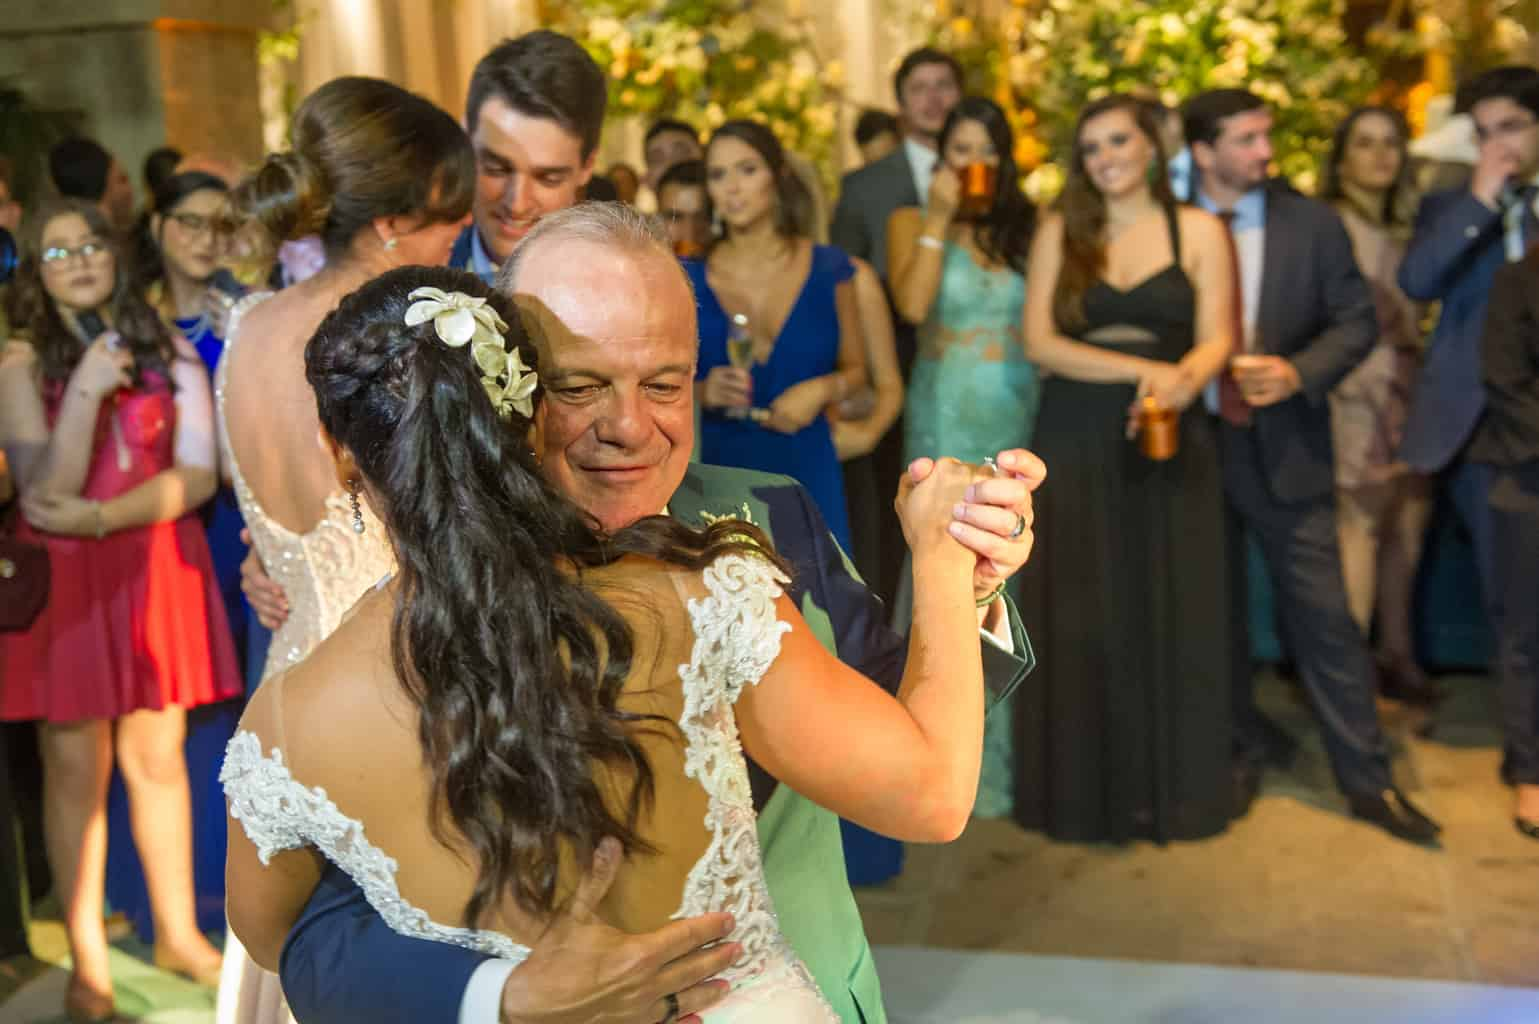 casamenot-Carolina-e-Thiago-casamento-clássico-Rio-de-Janeiro-Fotografia-Marina-Fava10